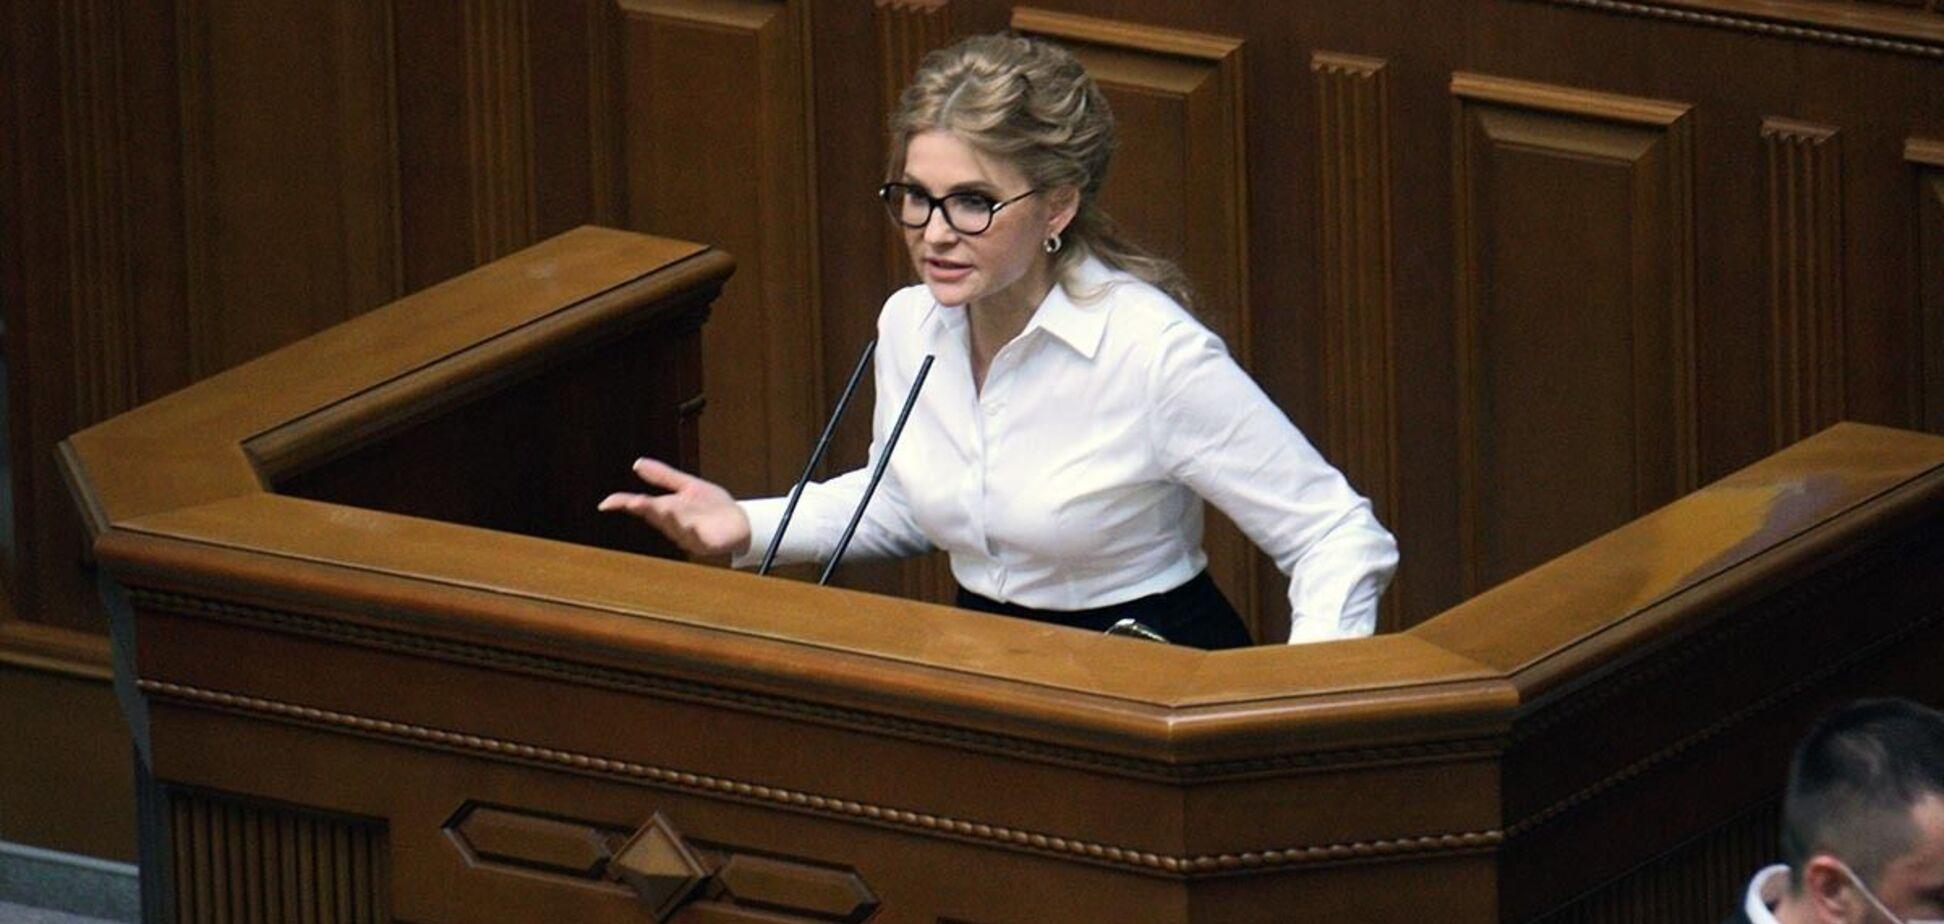 Только в Украине во время кризиса повышают налоги, добивая бизнес, - Тимошенко